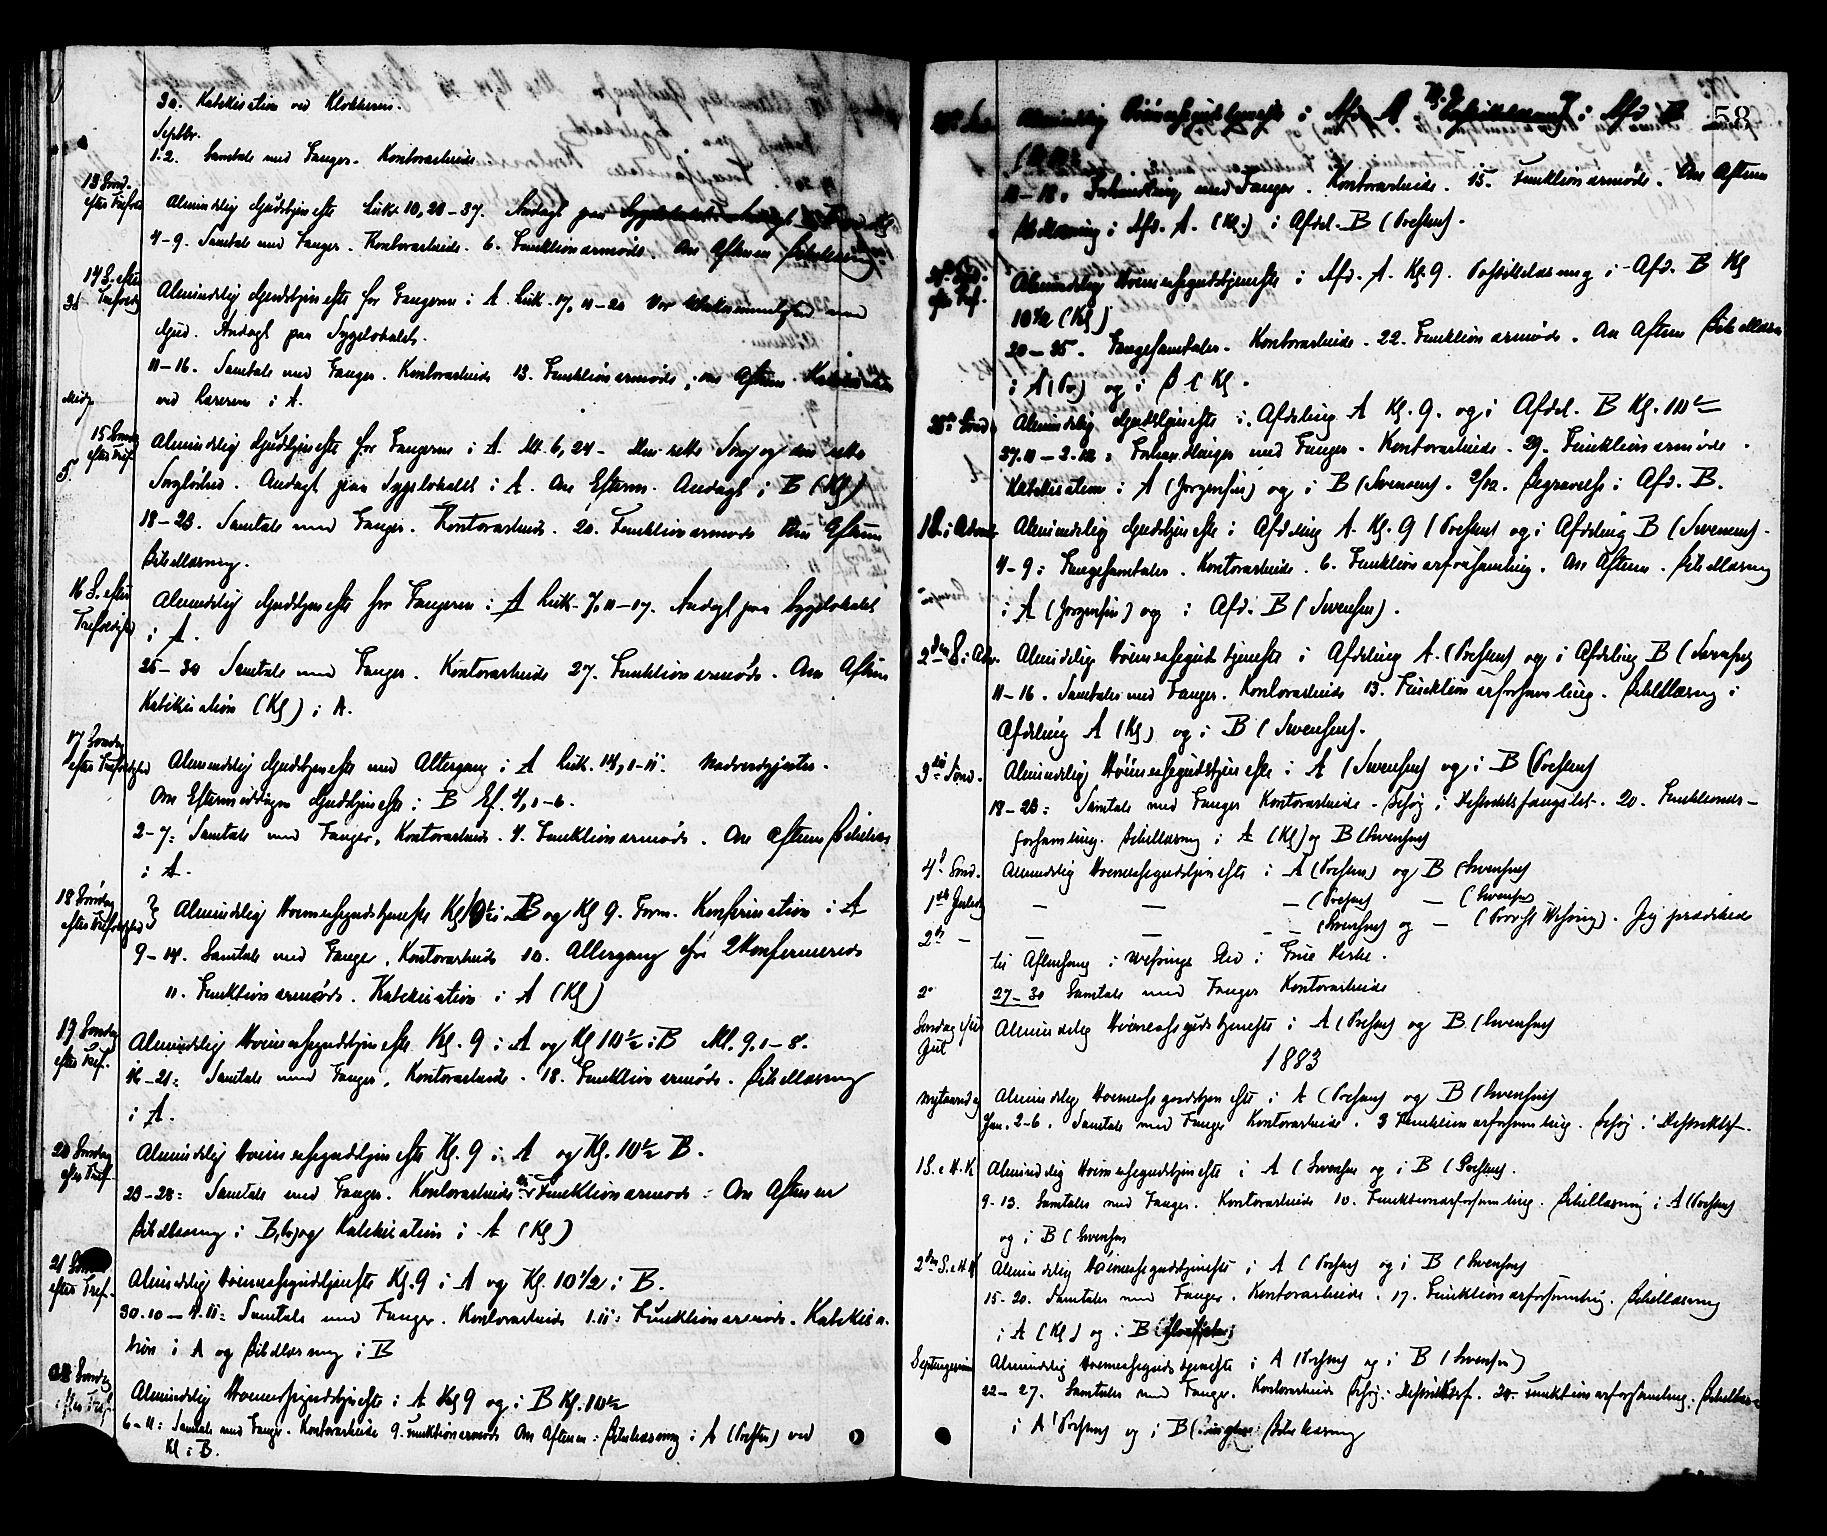 SAT, Ministerialprotokoller, klokkerbøker og fødselsregistre - Sør-Trøndelag, 624/L0482: Ministerialbok nr. 624A03, 1870-1918, s. 58